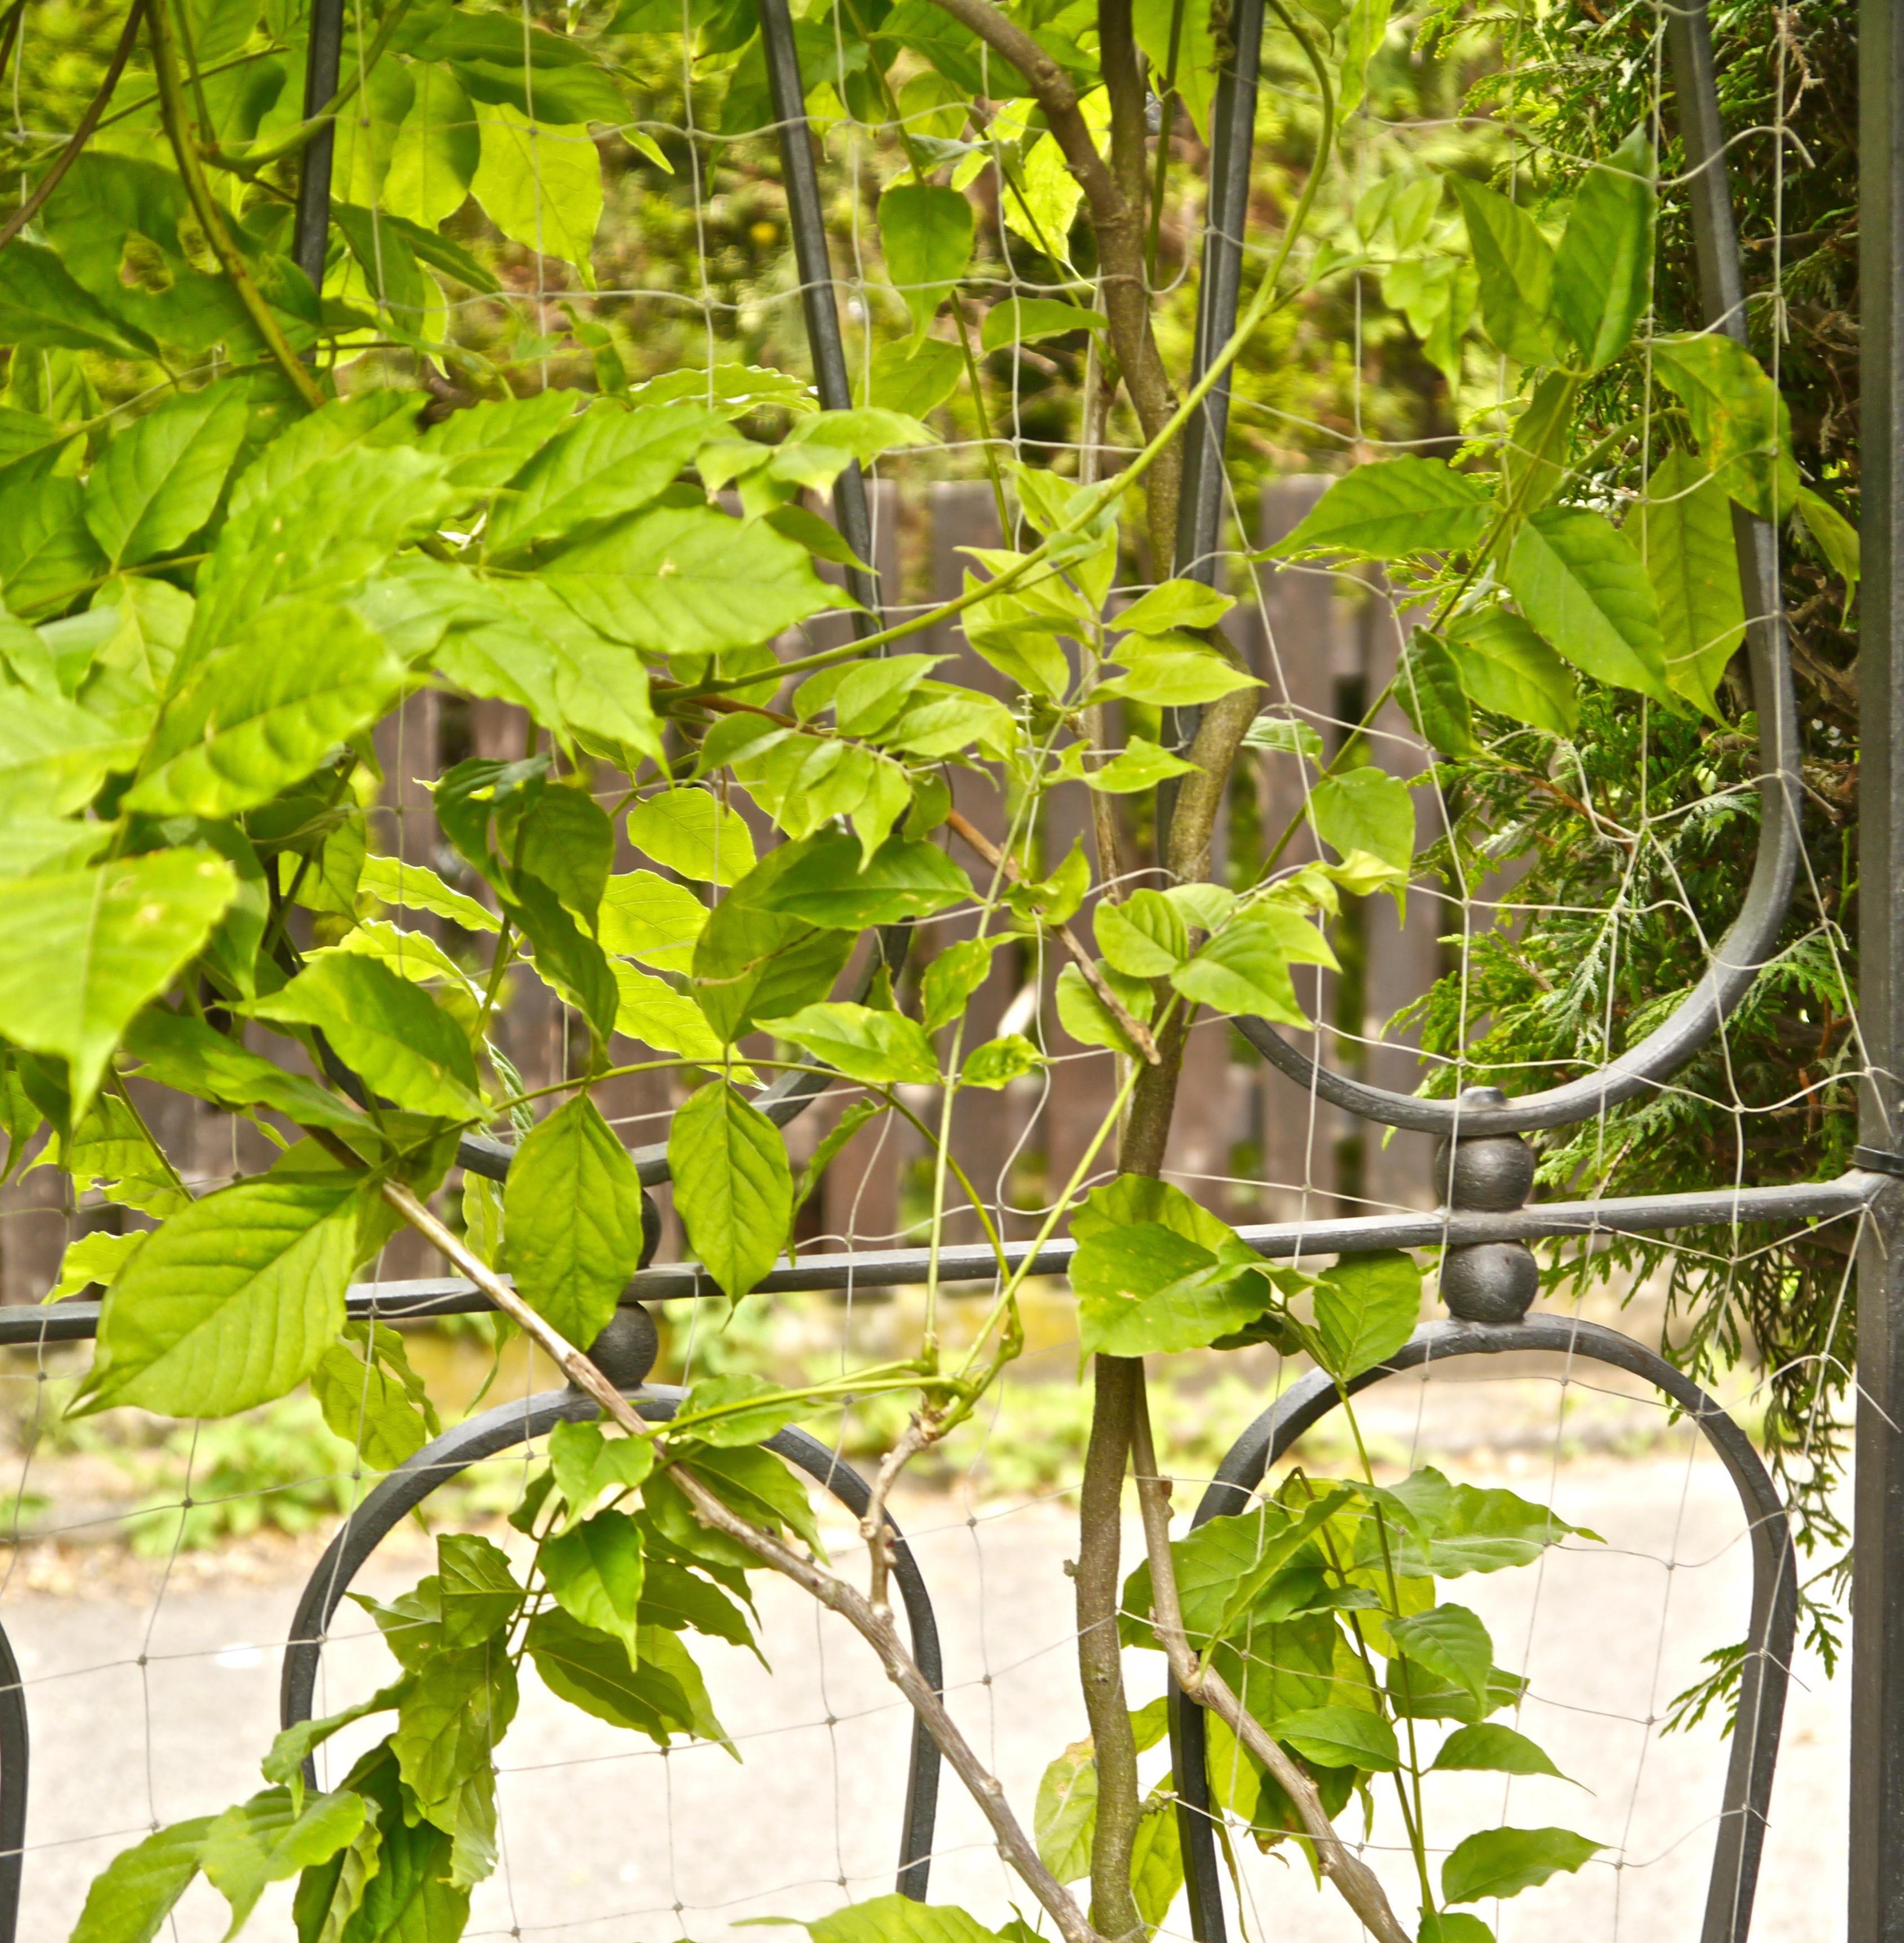 Kleine Gärten In Der Stadt Wie Kann Ich Einen Kleinen Garten